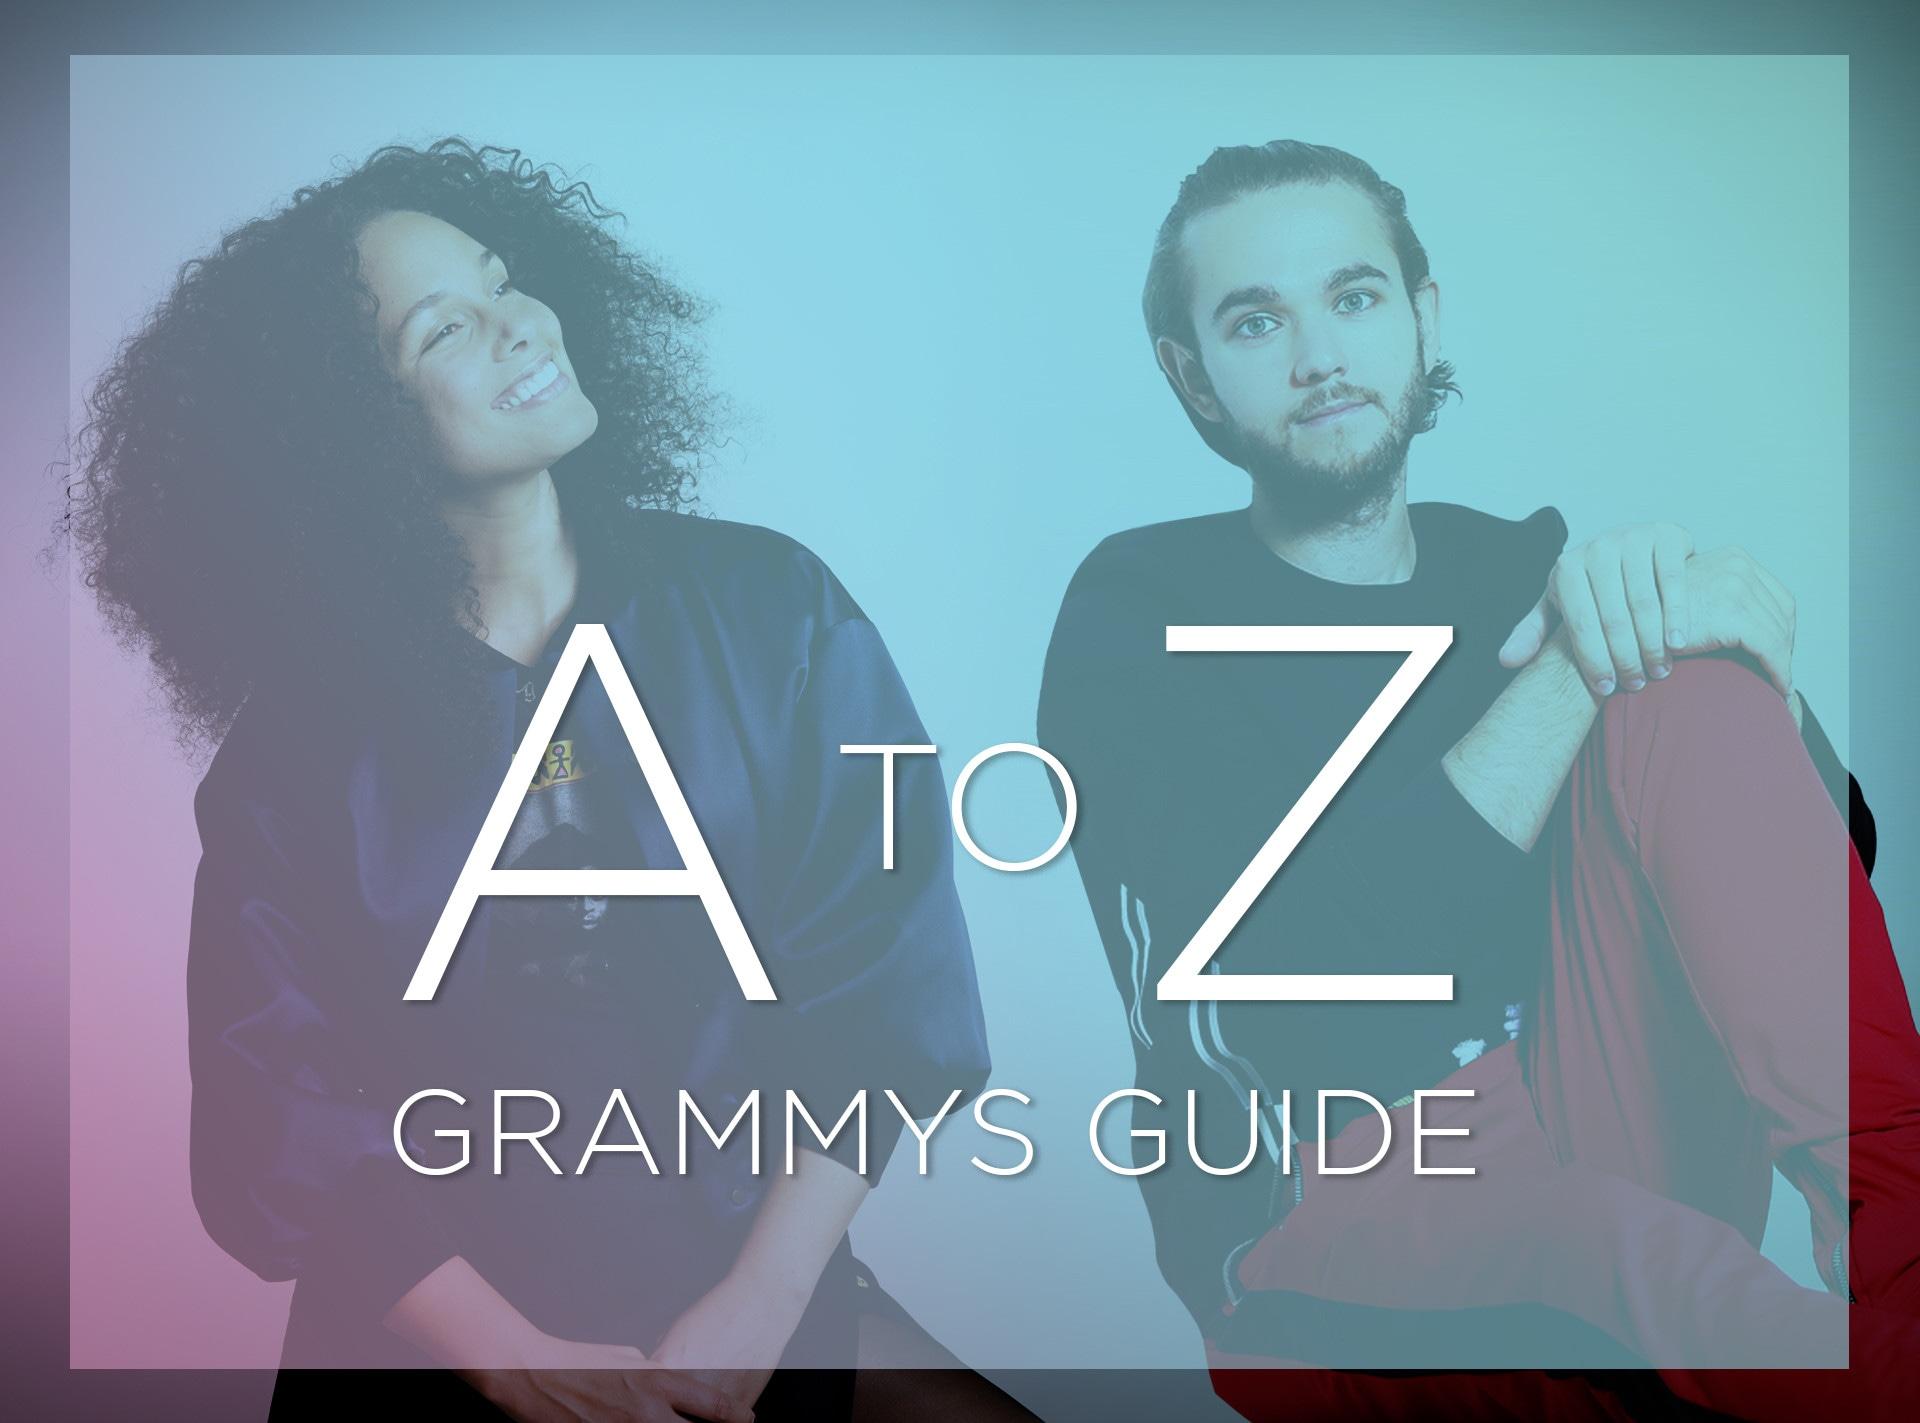 2019 Grammys A-Z, Alicia Keys, Zedd